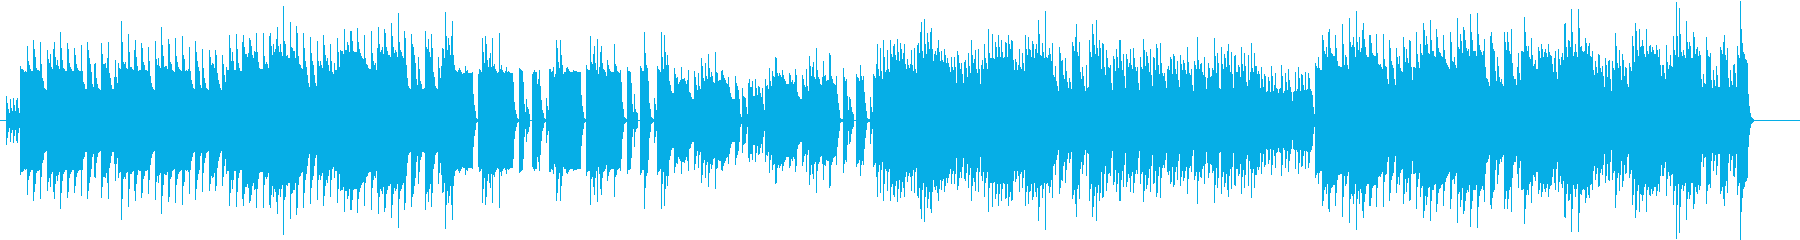 疾走感あるファミコン風BGMの再生済みの波形